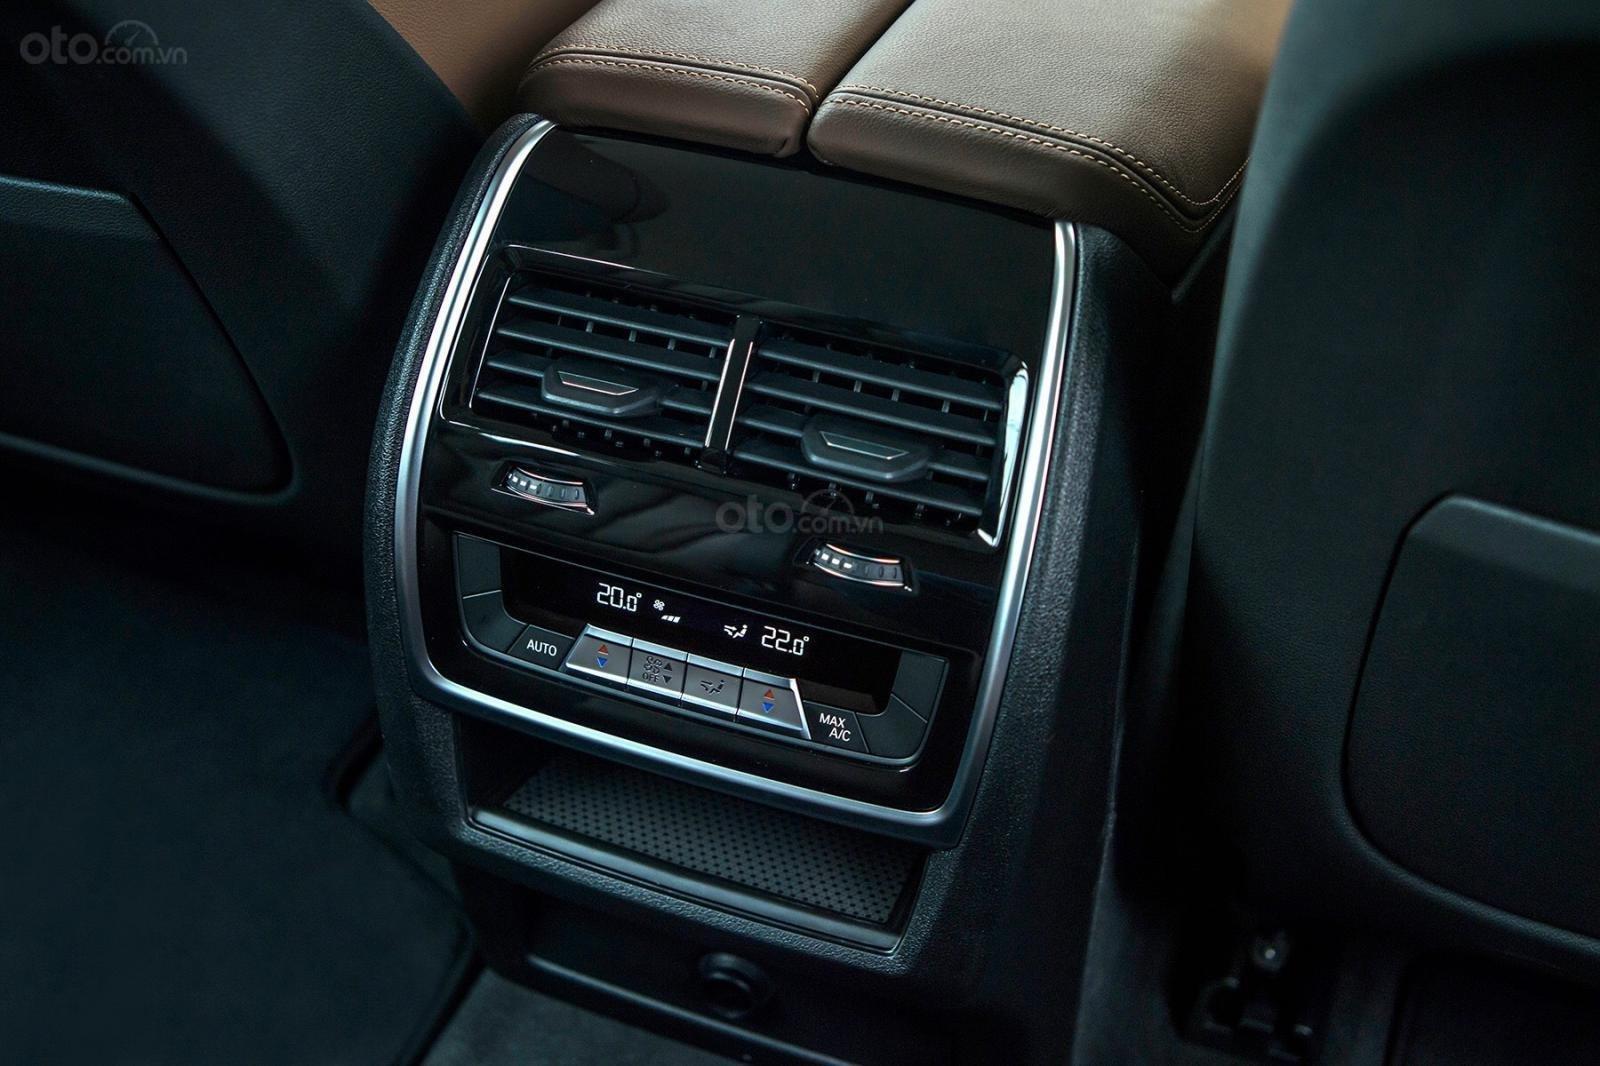 BMW X5 Xdrive 40i 2019 SUV thể thao, mạnh mẽ, màu trắng, xe nhập khẩu Đức 5+2 chỗ (10)